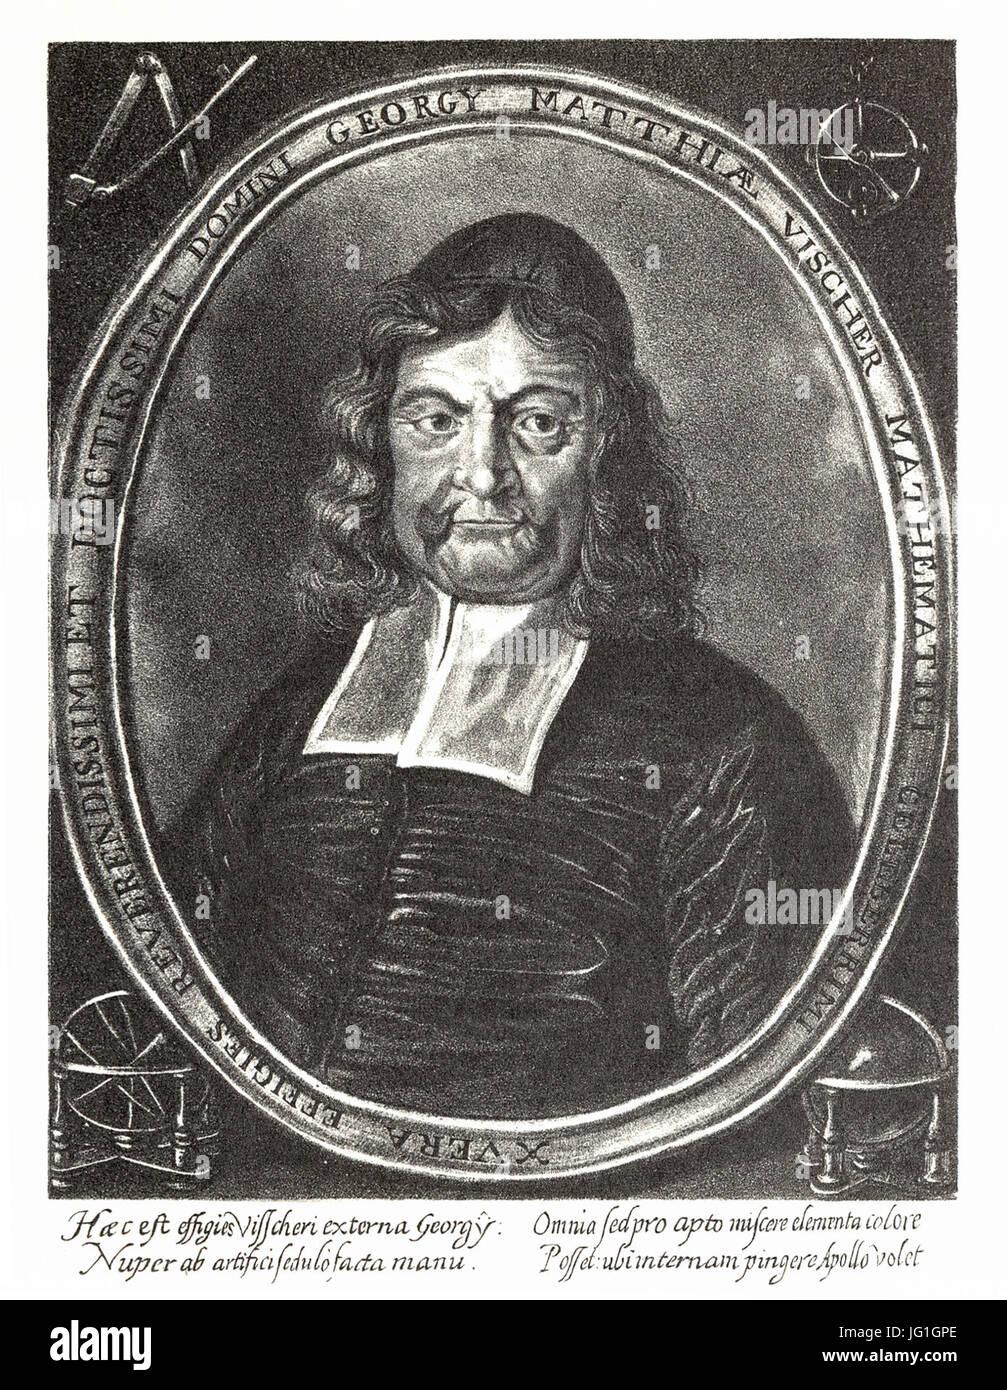 Georg Matthäus Vischer - Portrait 1684 Stock Photo